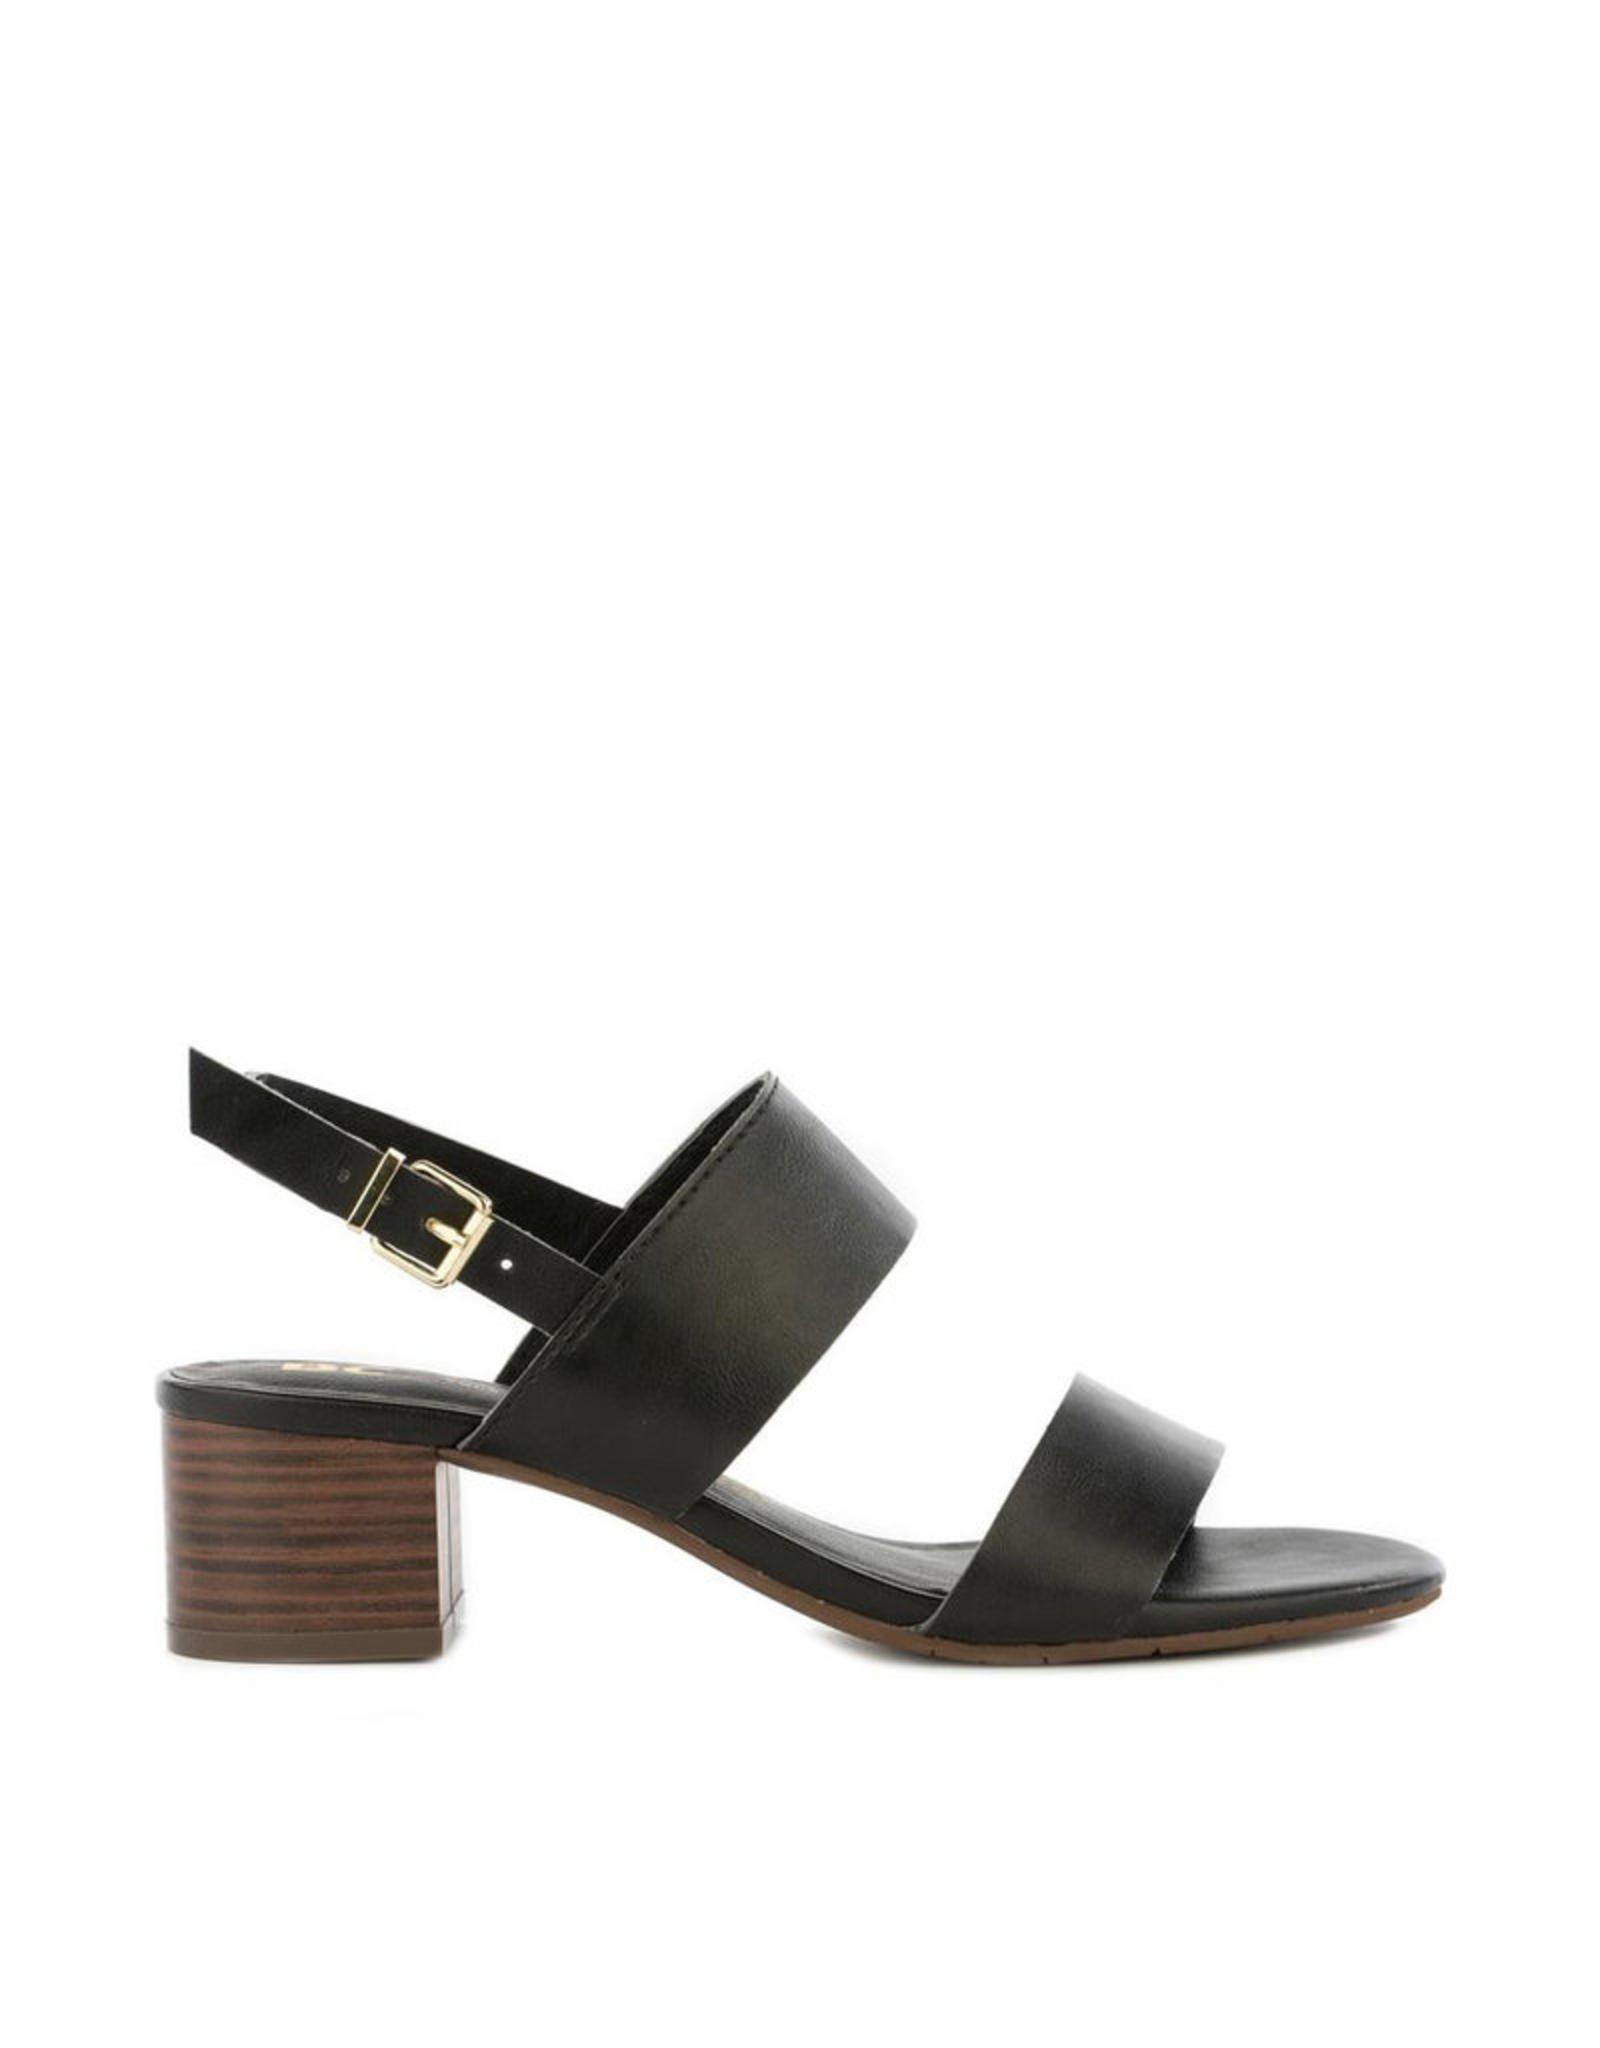 flight lux bc vegan sandals with block heel